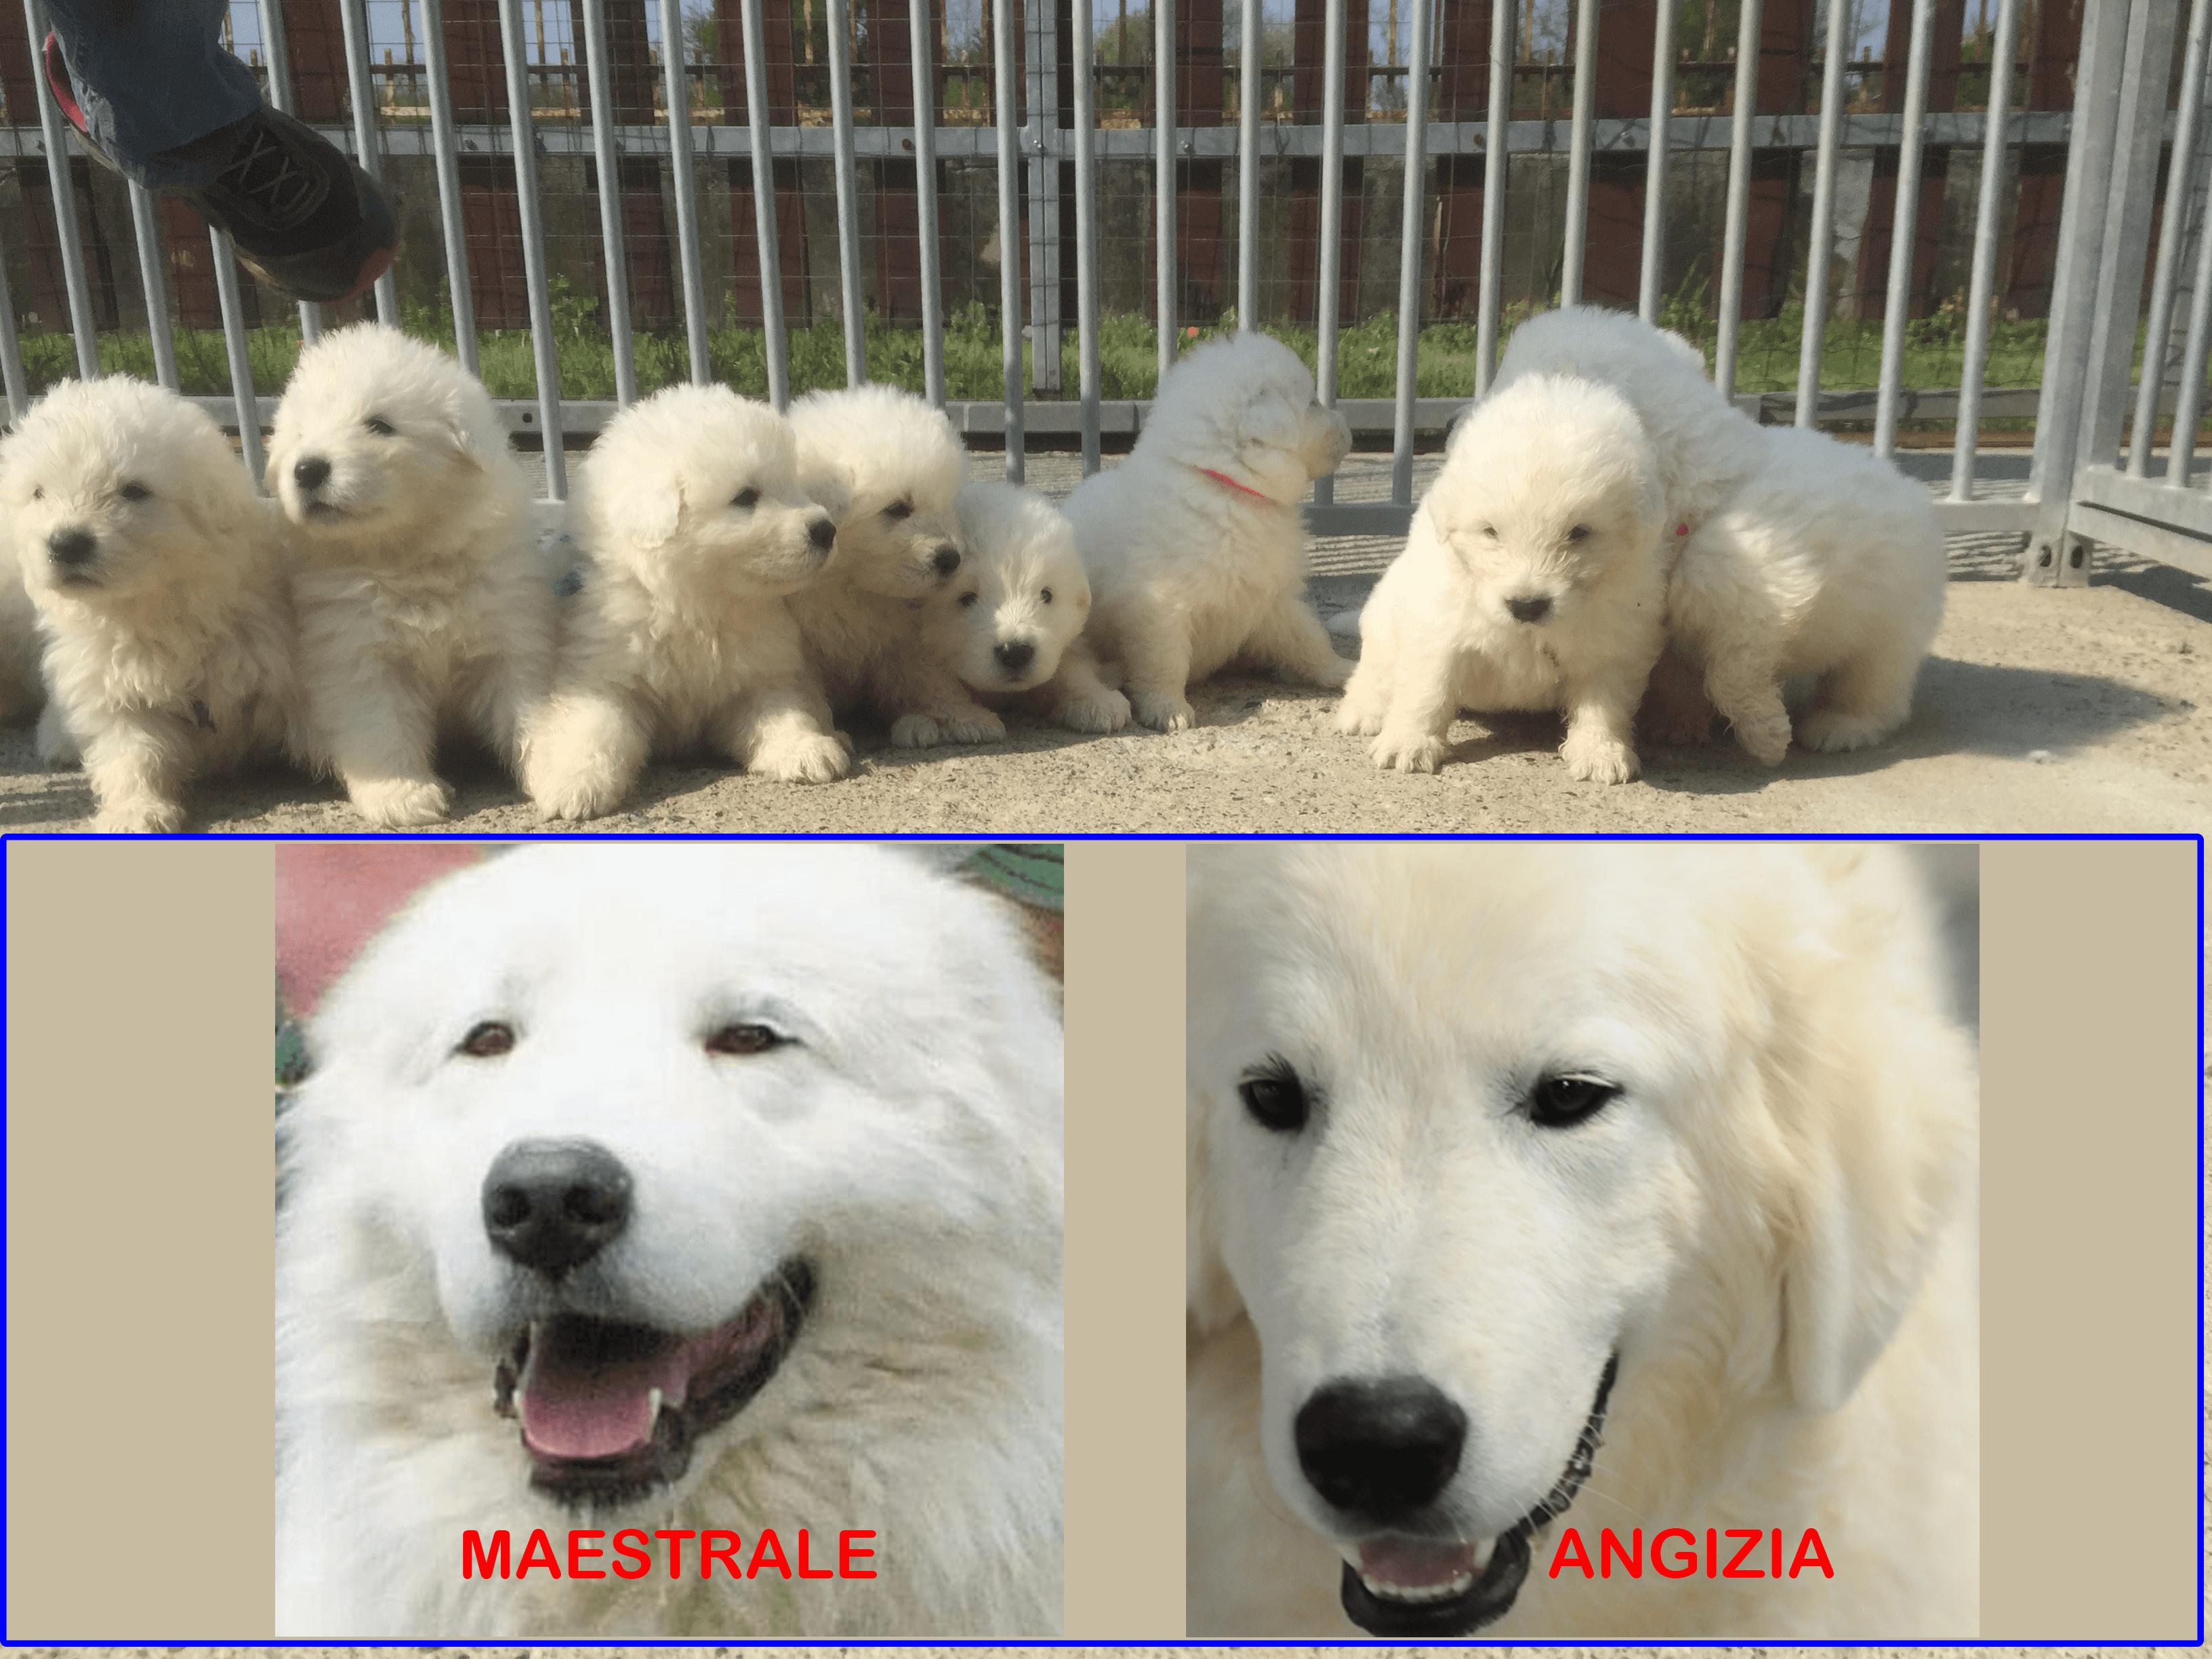 gabbia con otto cuccioli di pastore maremmano bianchi e la foto dei genitori